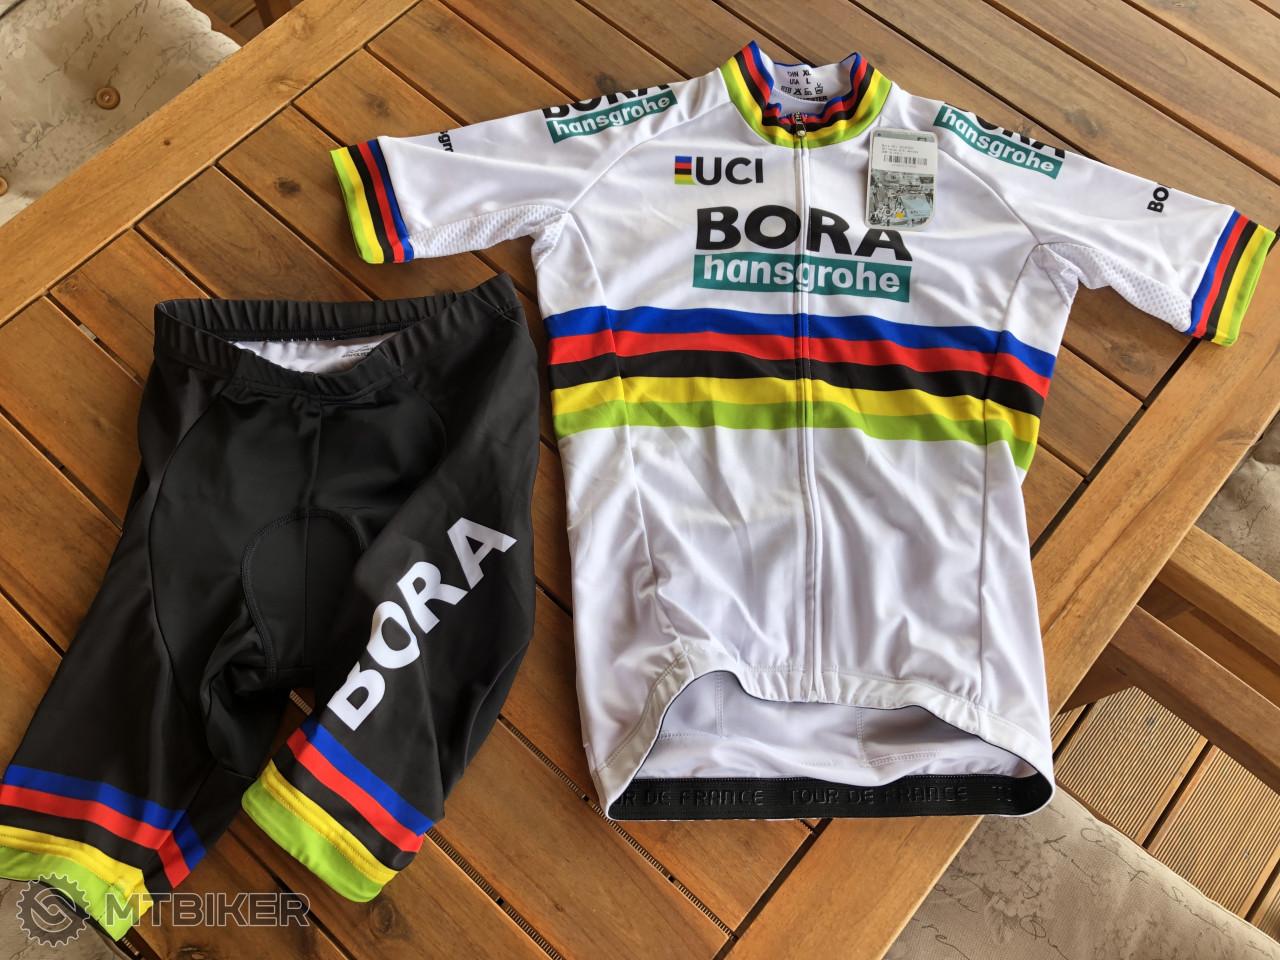 2ccc91c30 Bora Uci 2018 DetskÝ CyklistickÝ Set - Replika, Veľkosť L - 155 Cm -  Príslušenstvo - Oblečenie a batohy - Bazár MTBIKER